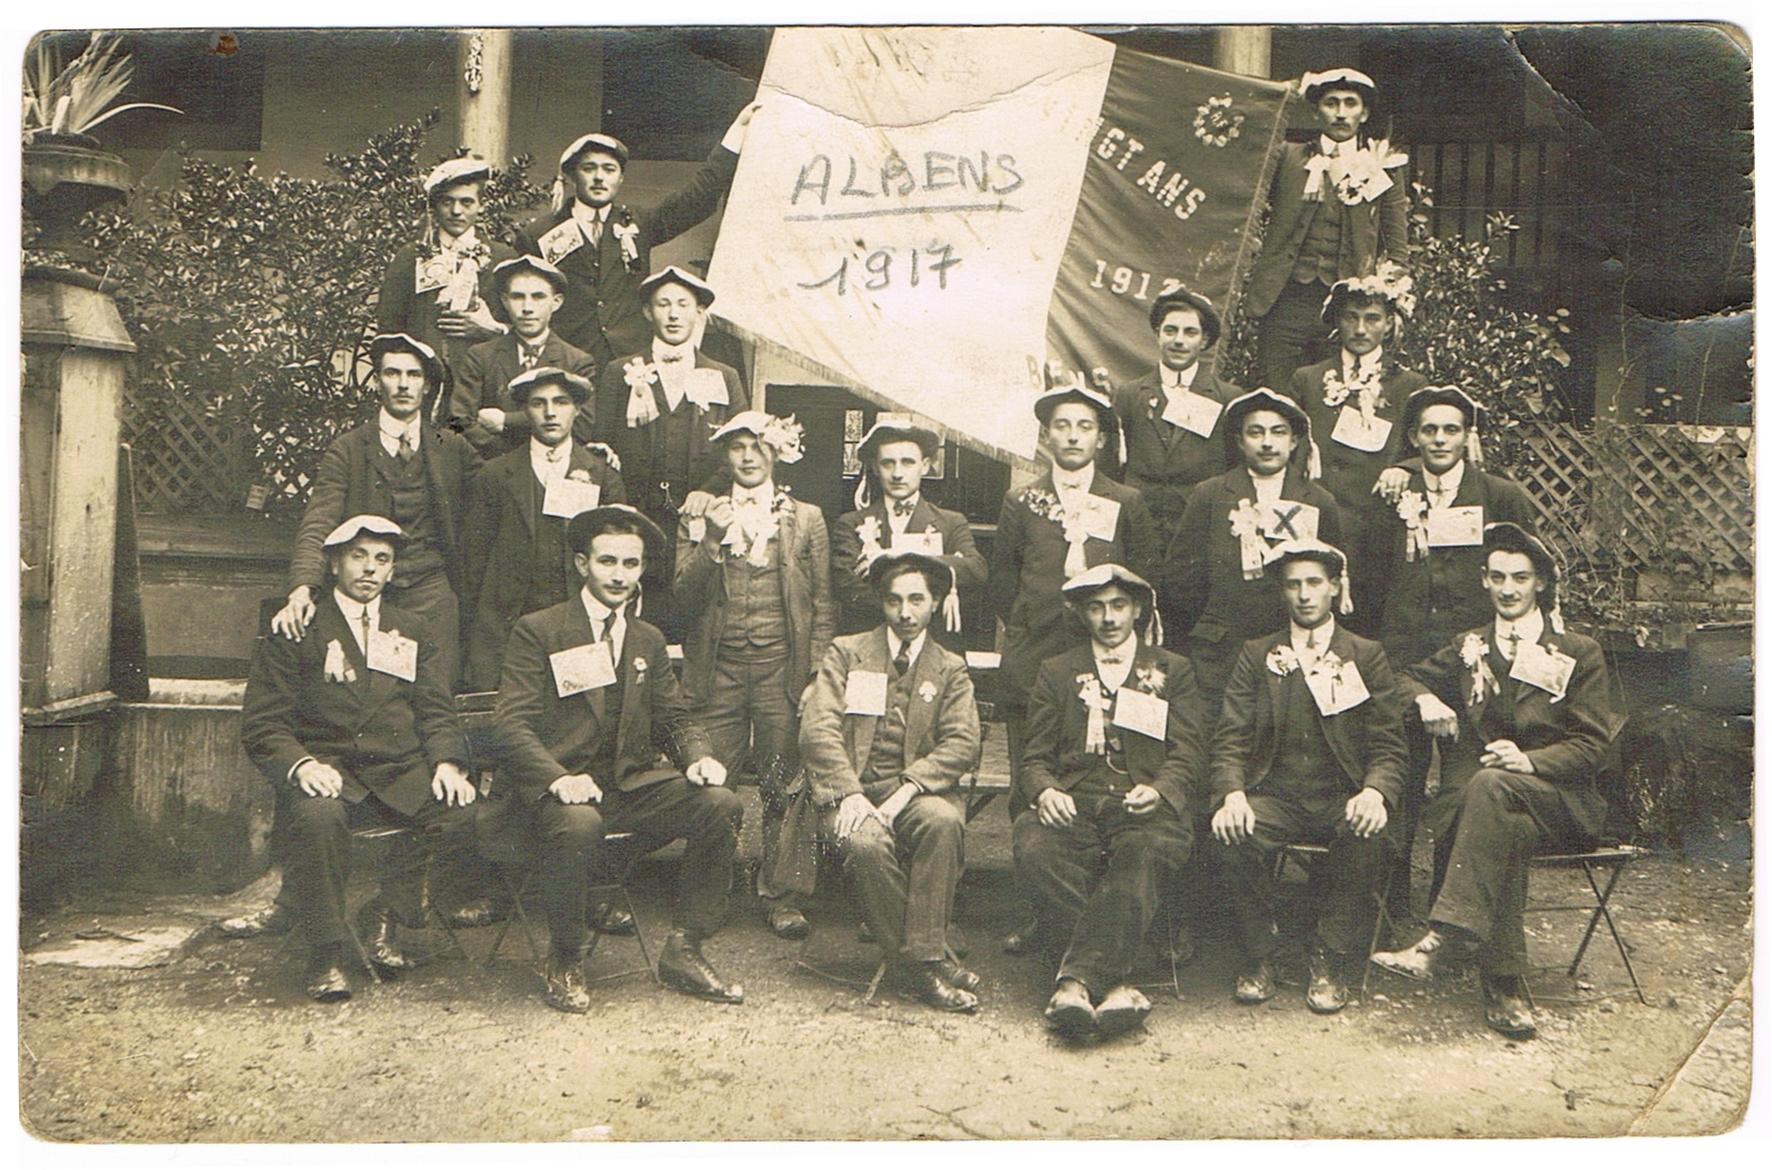 Bon pour les filles ConscritsAlbens1917